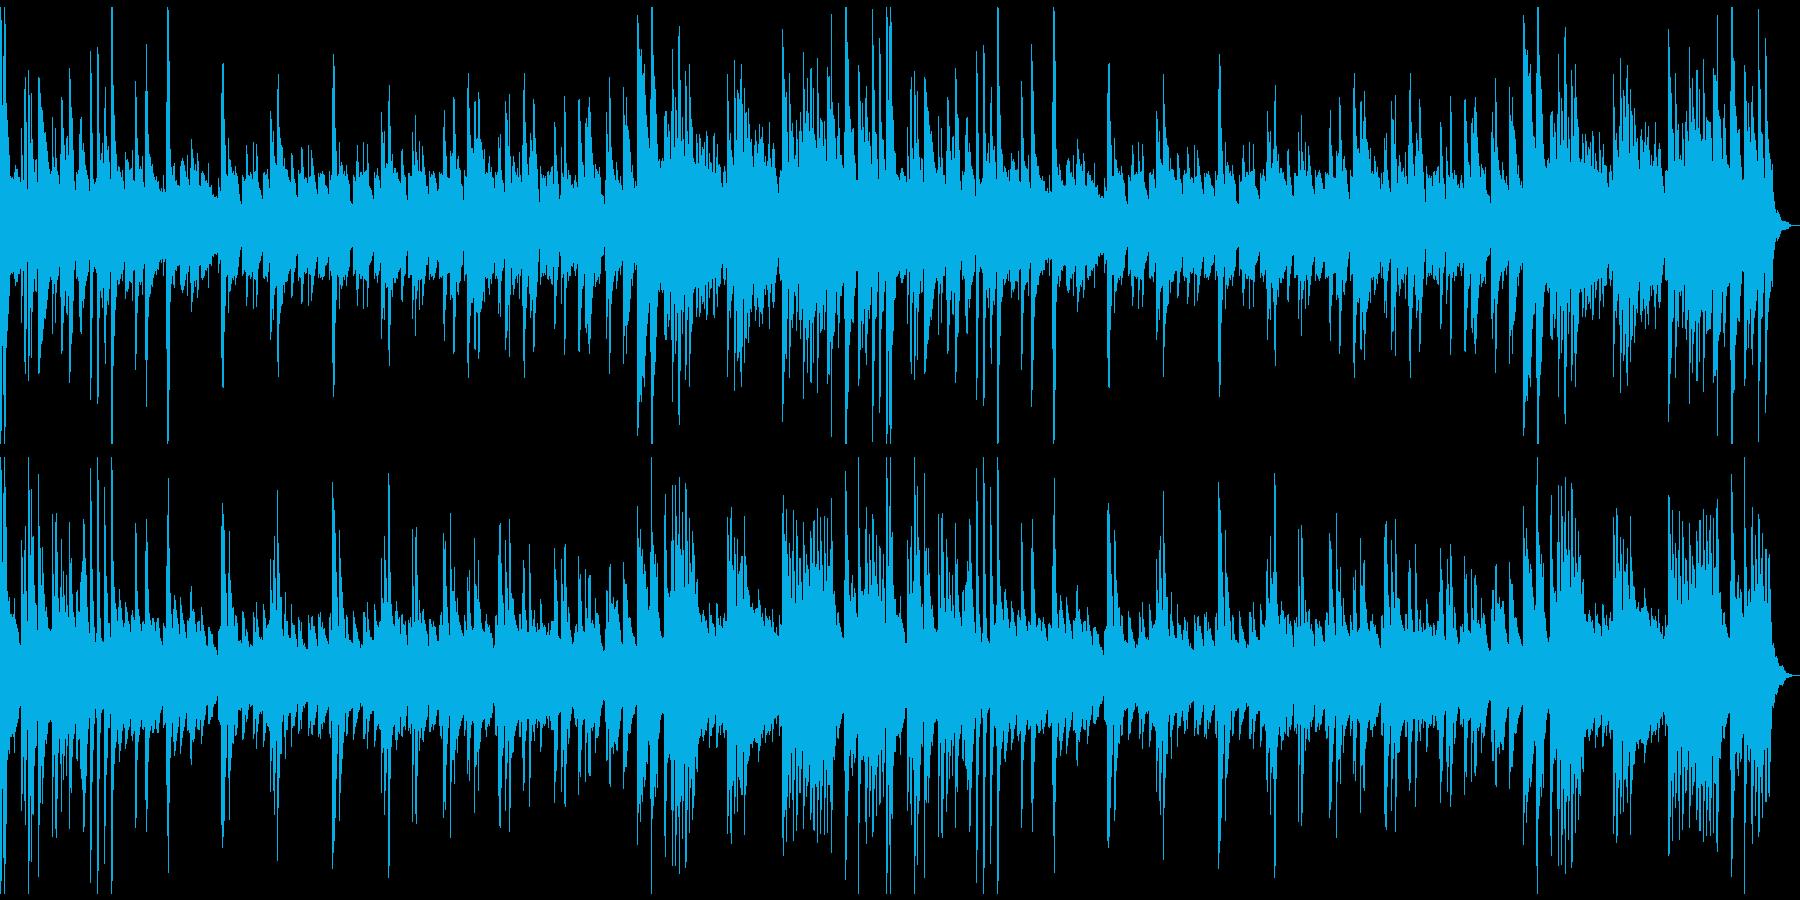 少し悲しげなソロ・ピアノ曲の再生済みの波形